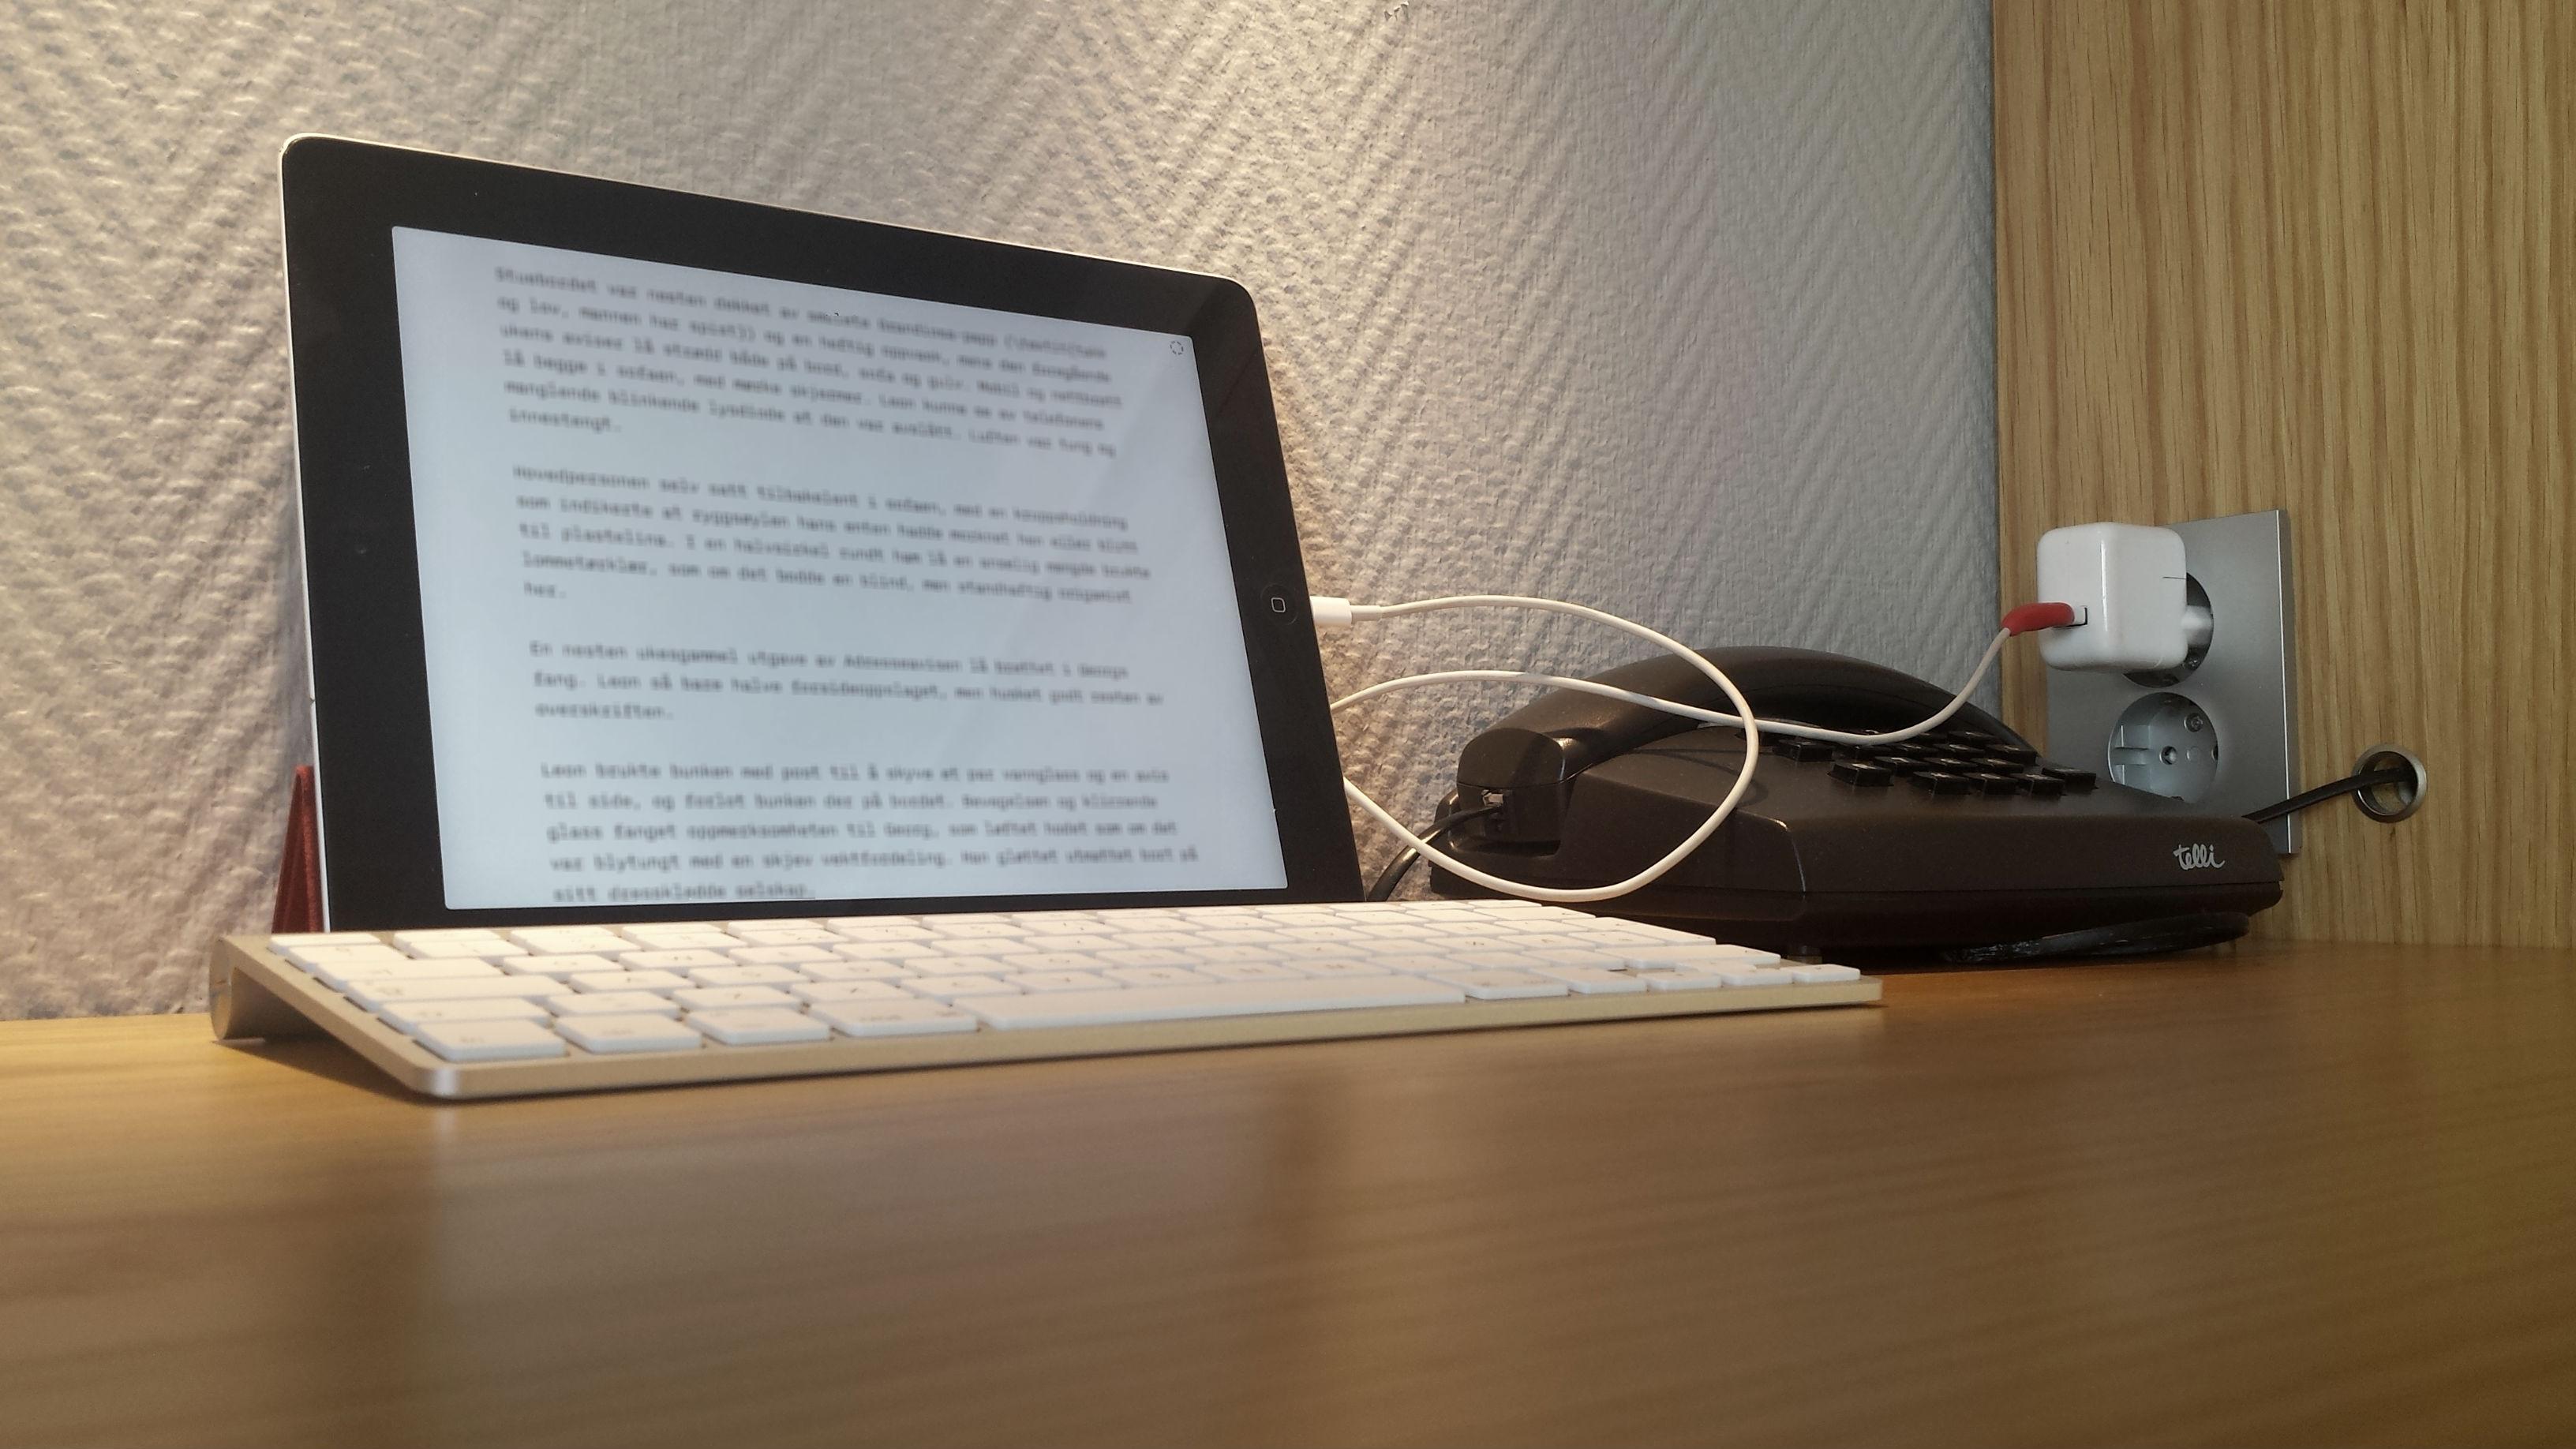 Skriveøkt på hotell